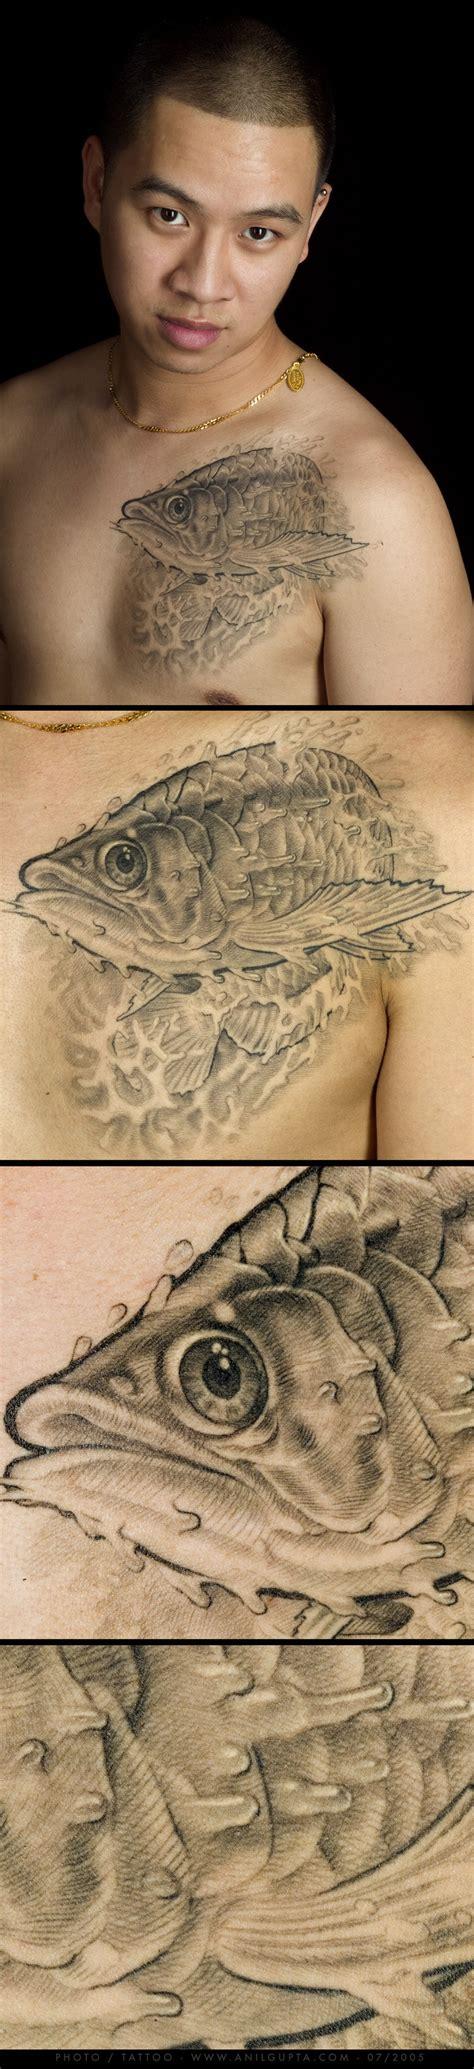 inkline tattoo anil gupta